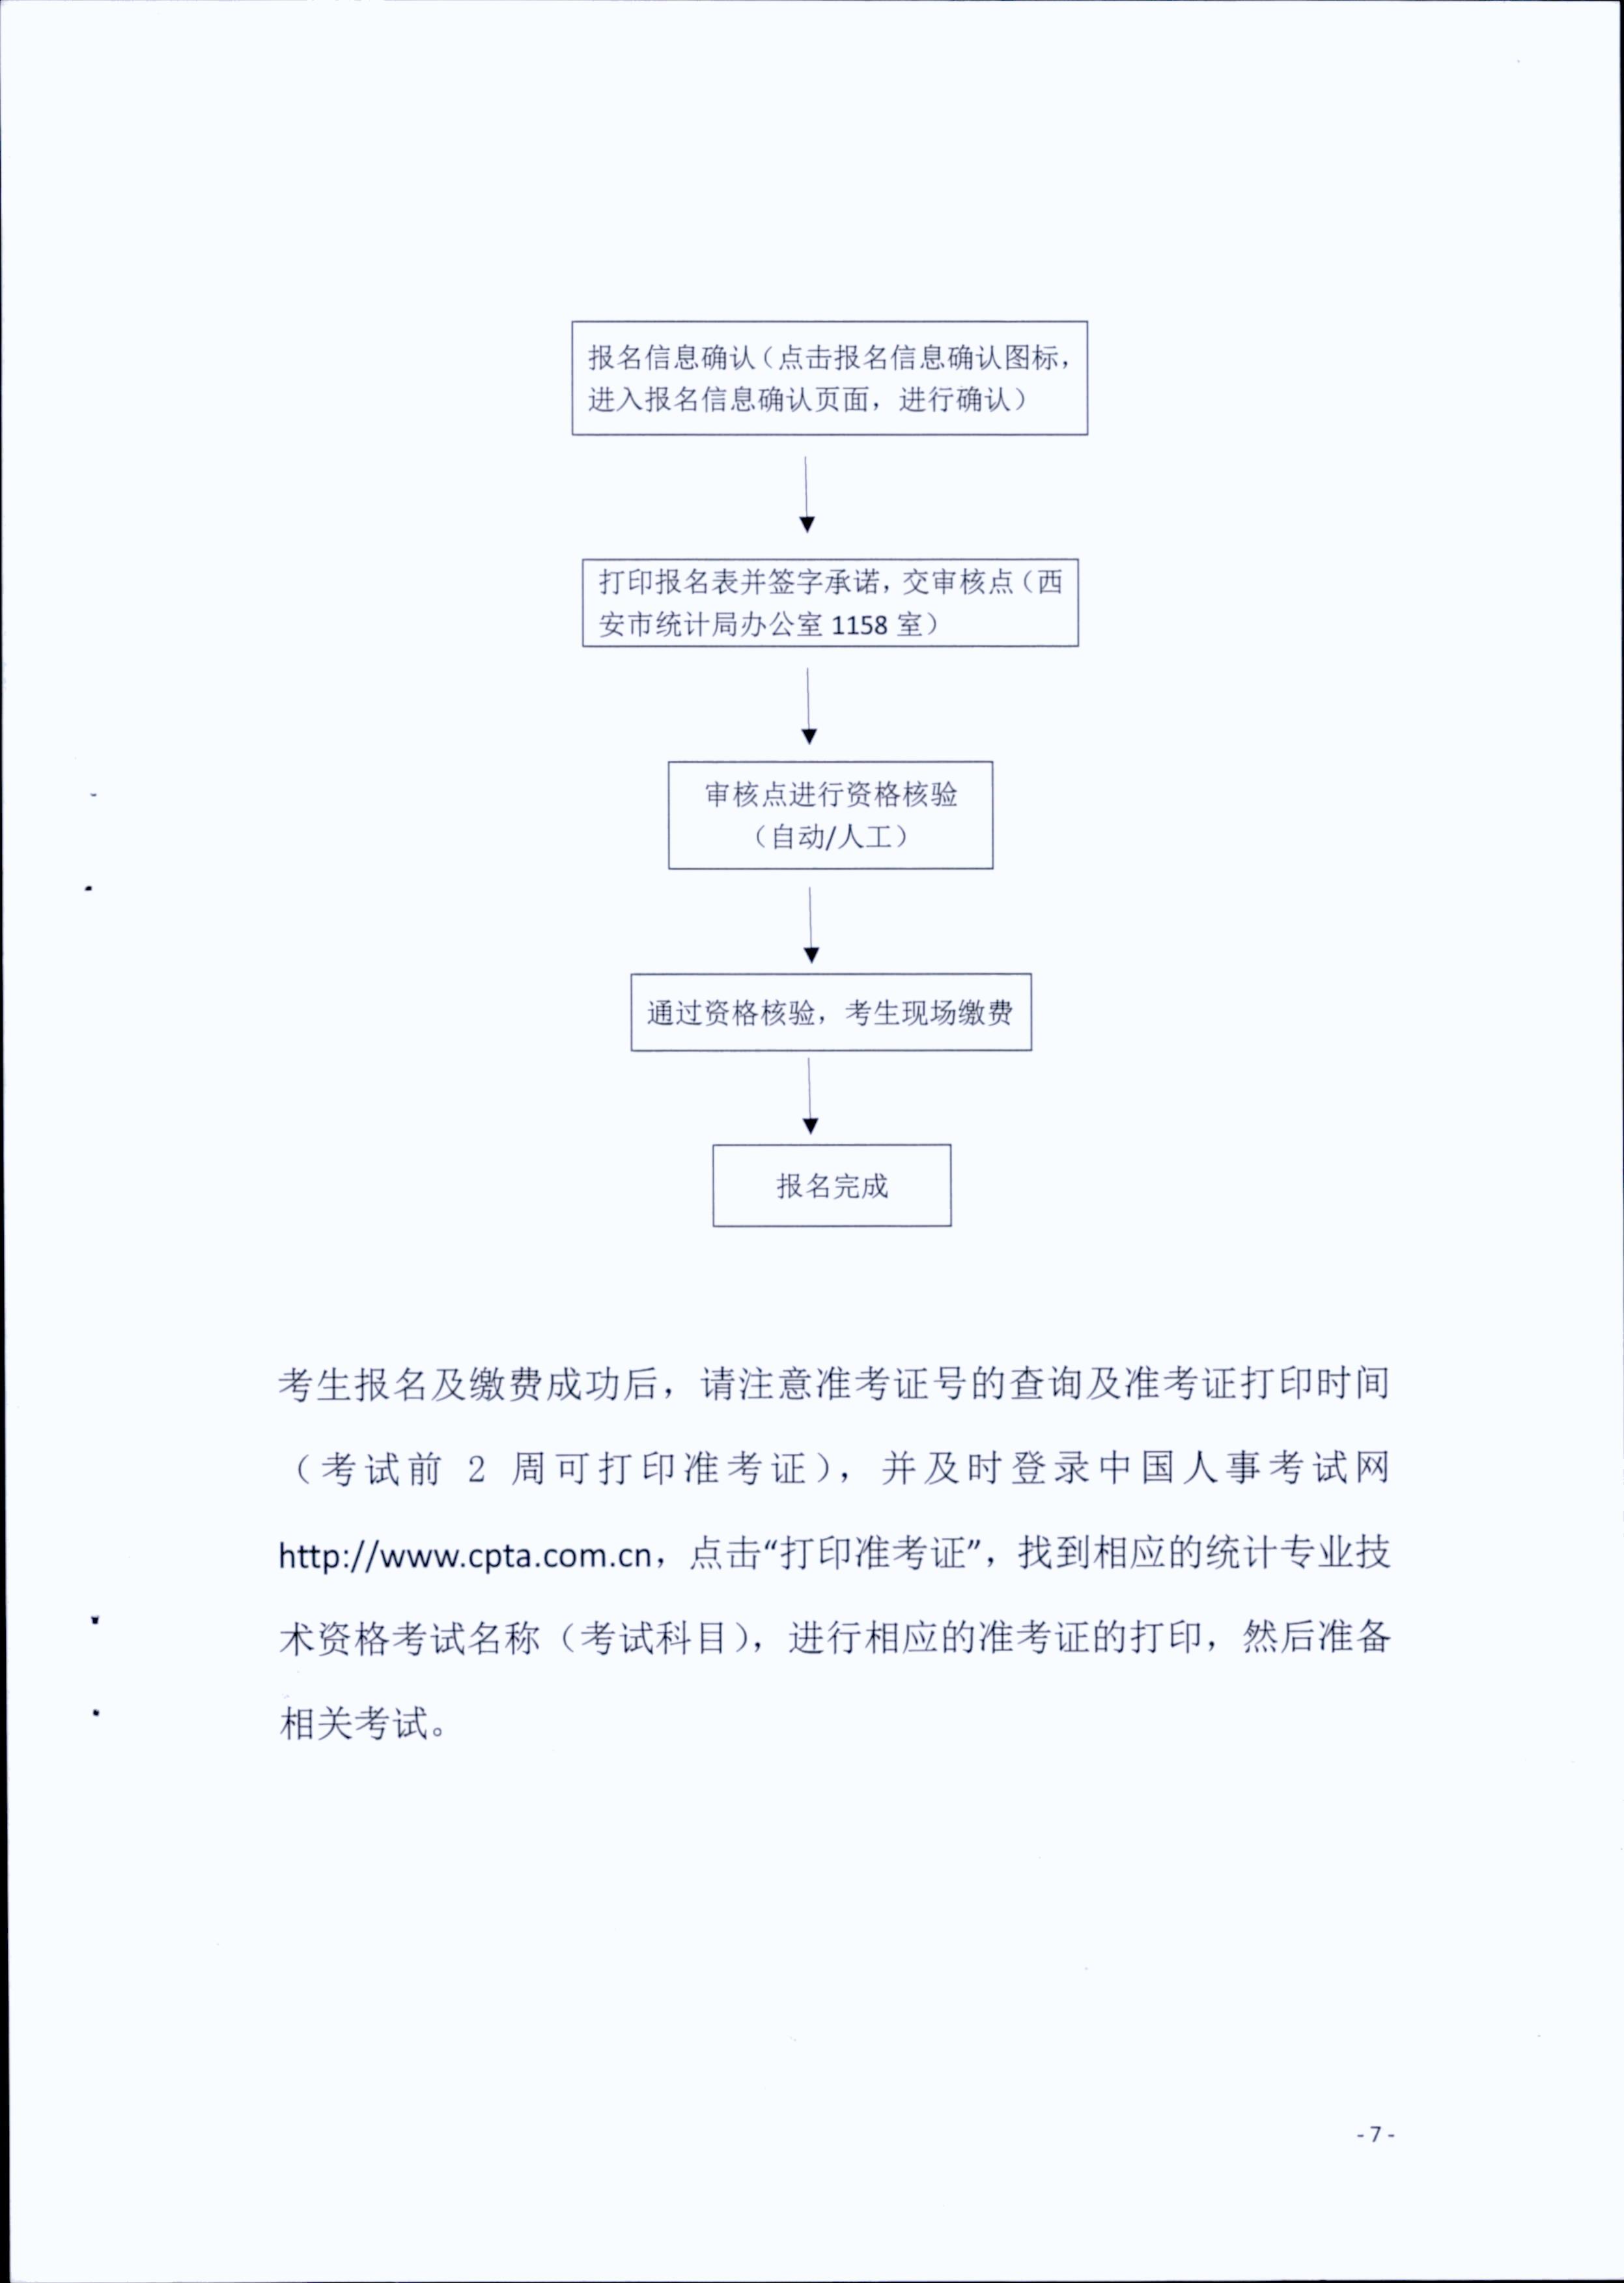 市人社函【2019】382号(职称考试)00007.jpg